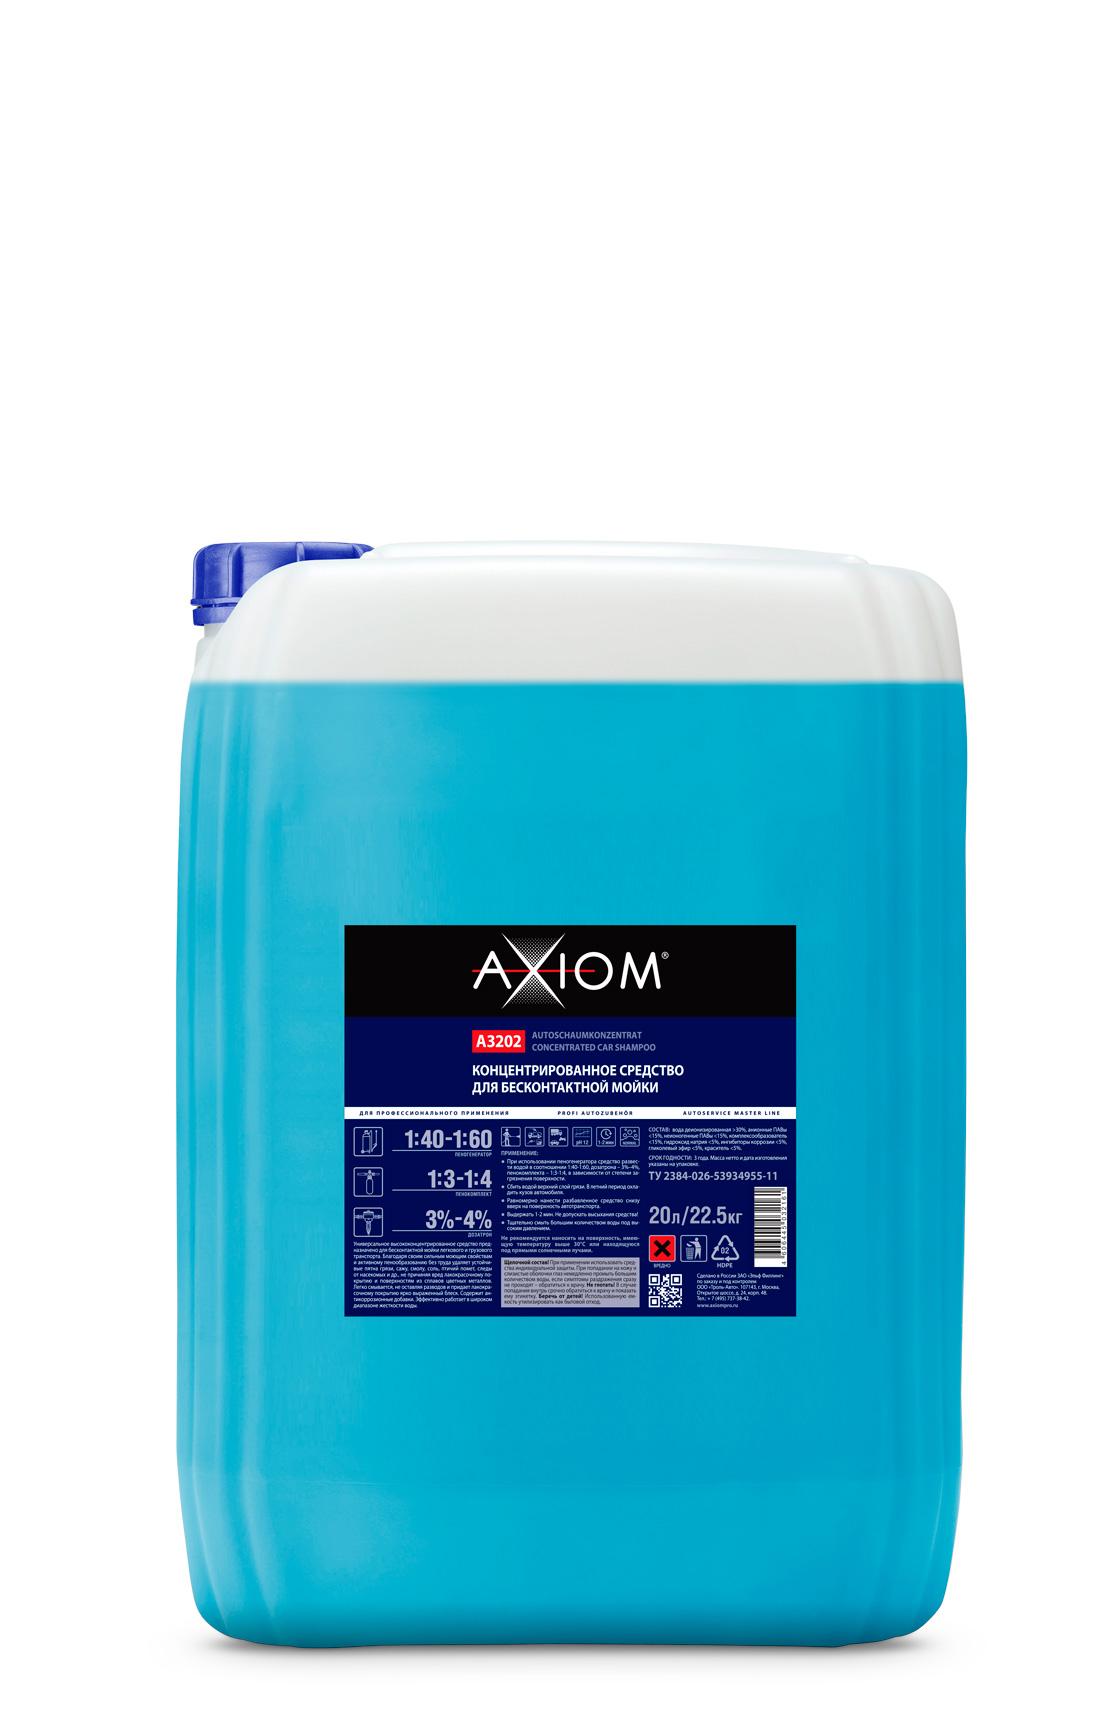 Концентрированное средство для бесконтактной мойки 1:40-1:60 AXIOM